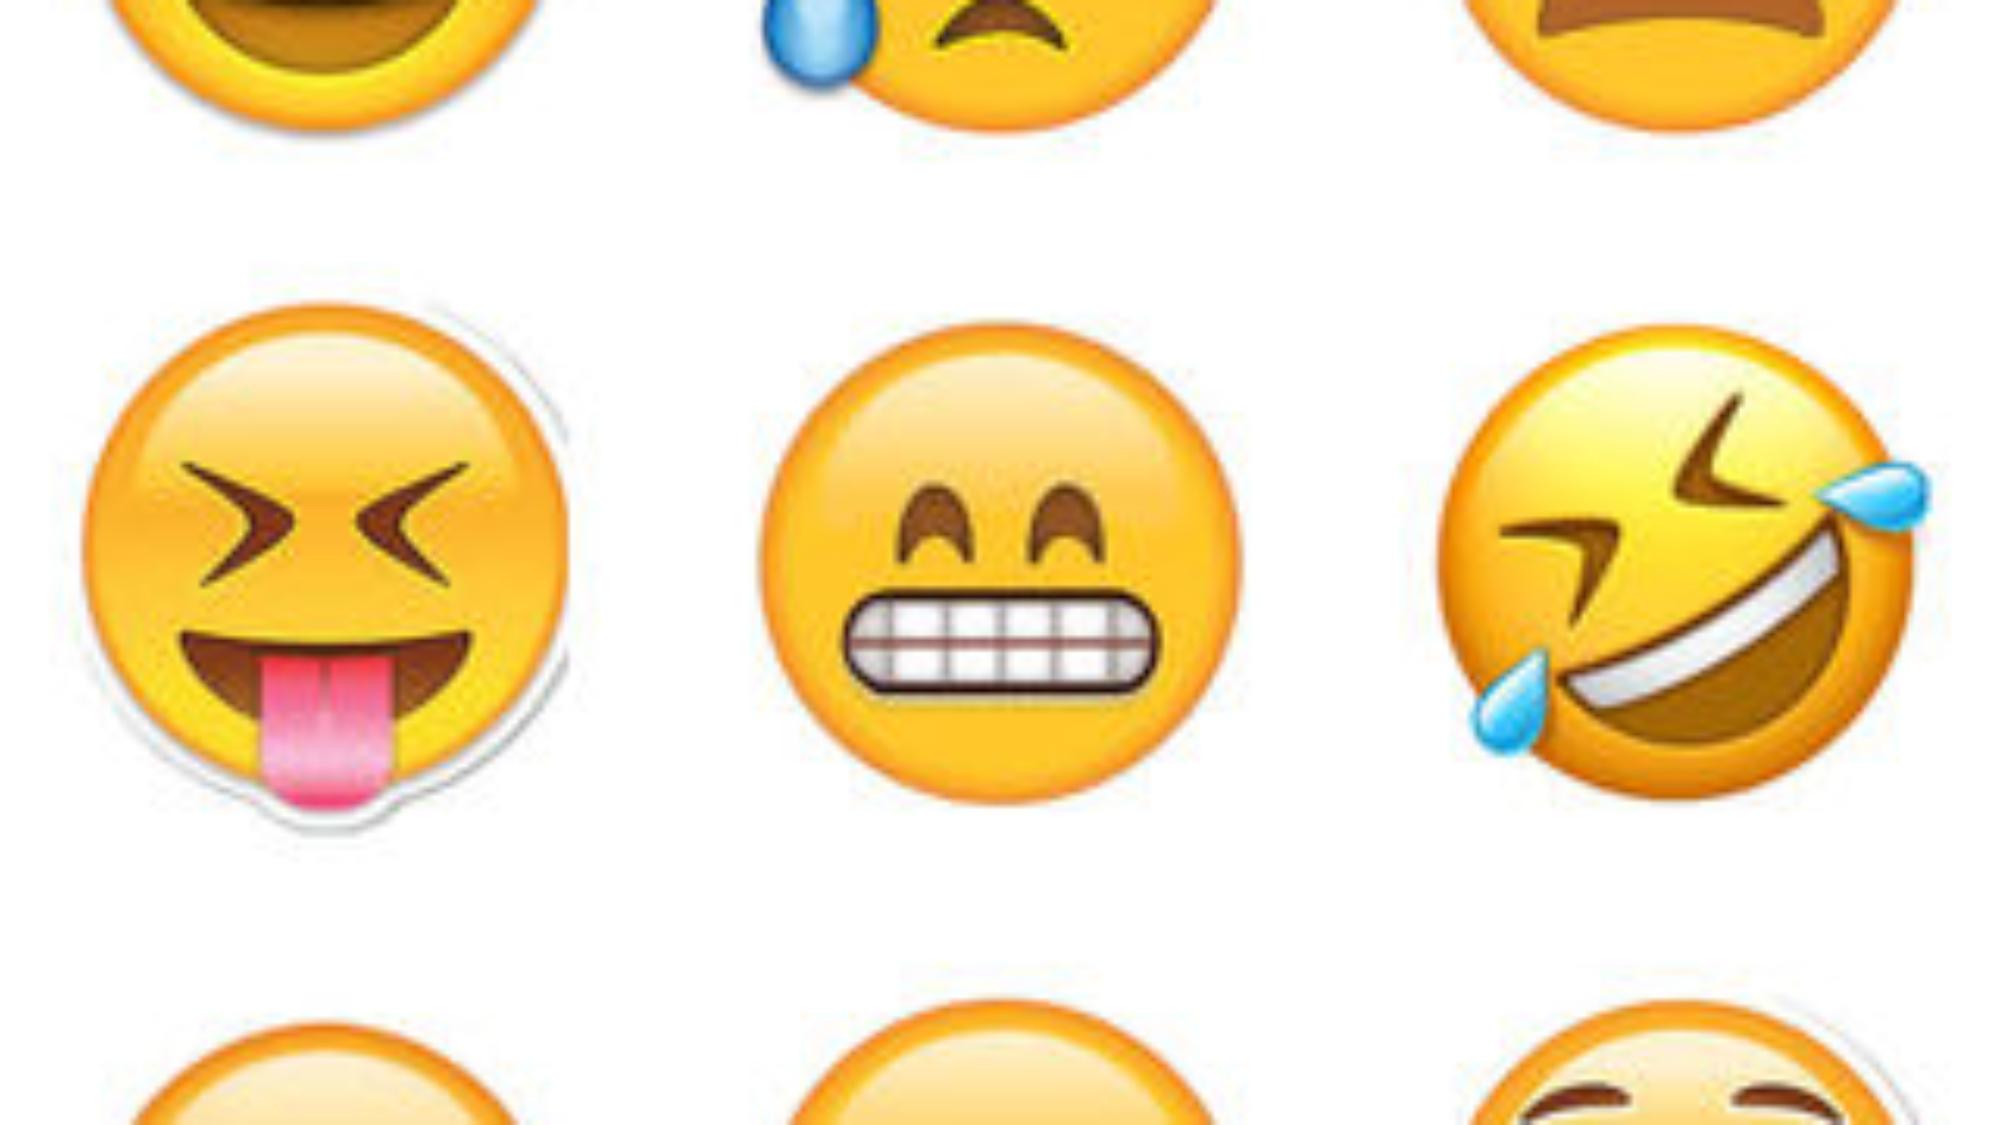 emoji_grid